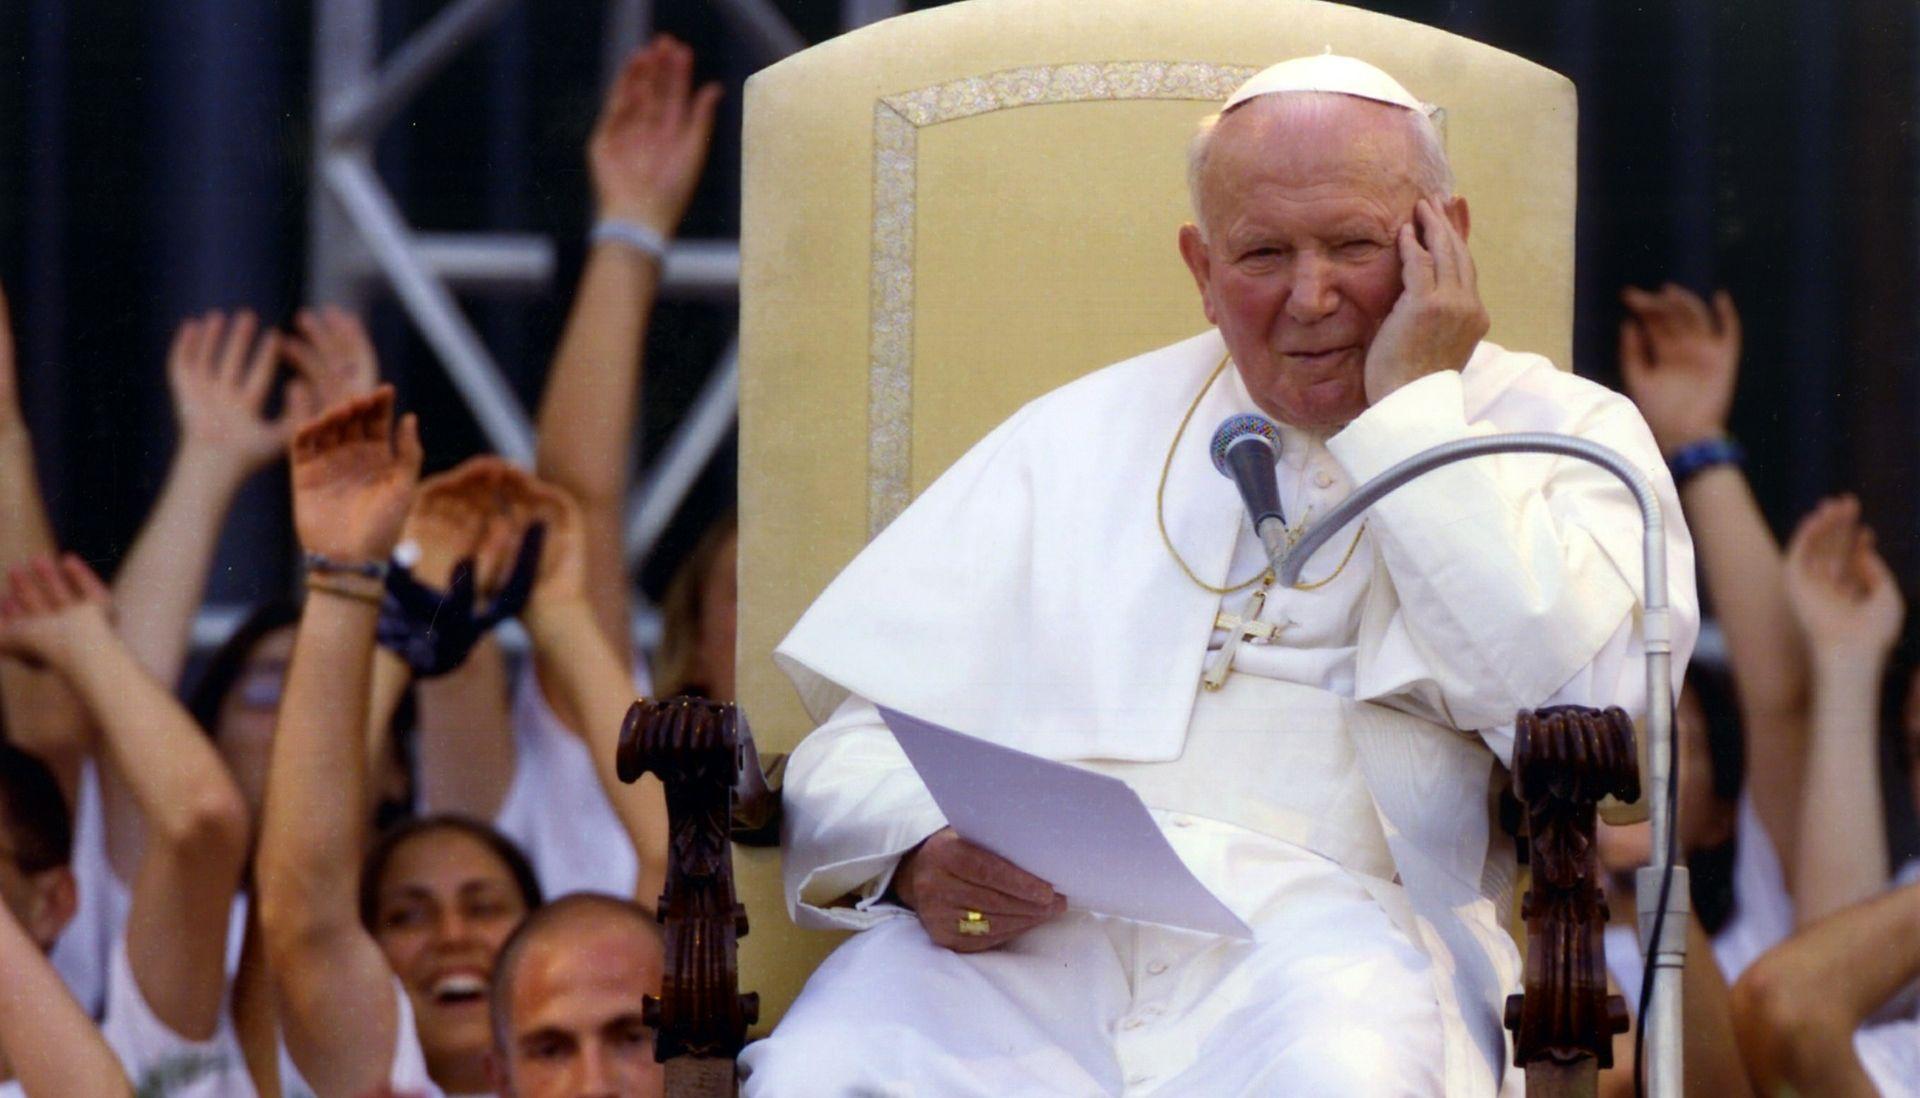 BBC OTKRIO Pisma Ivana Pavla II. upućuju na intimnu i blisku vezu pape s udanom ženom